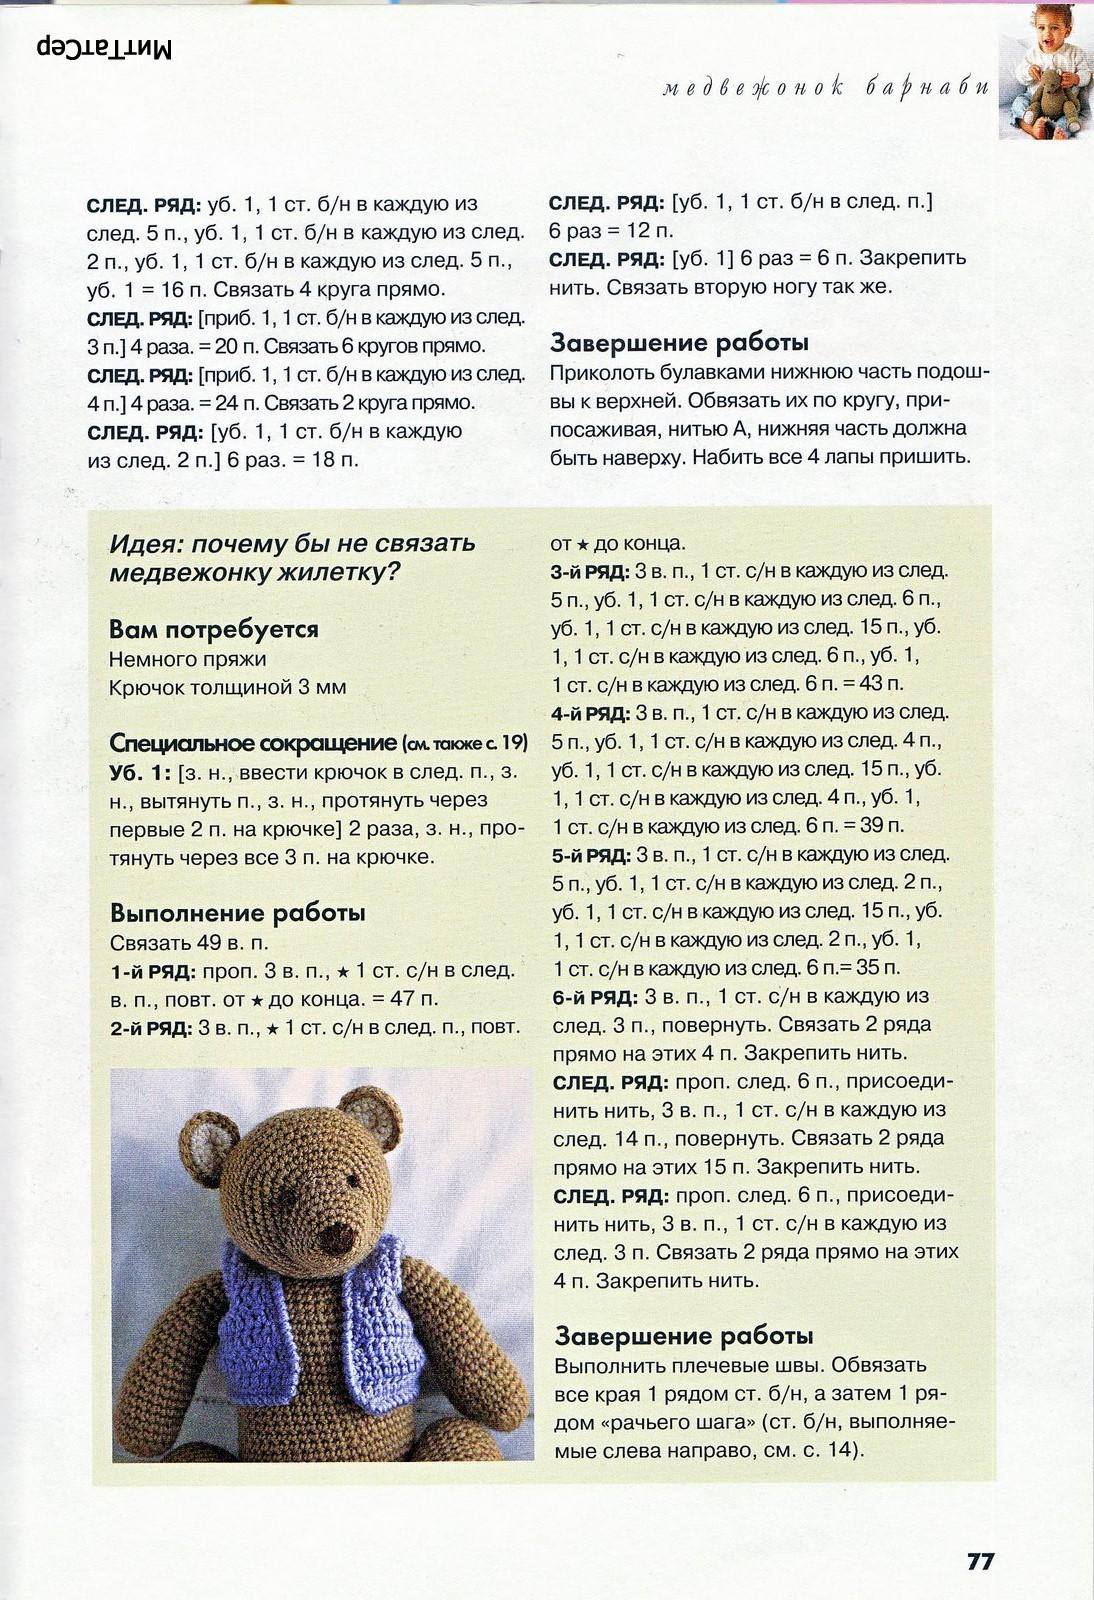 Схема вязания крючком большого медведя